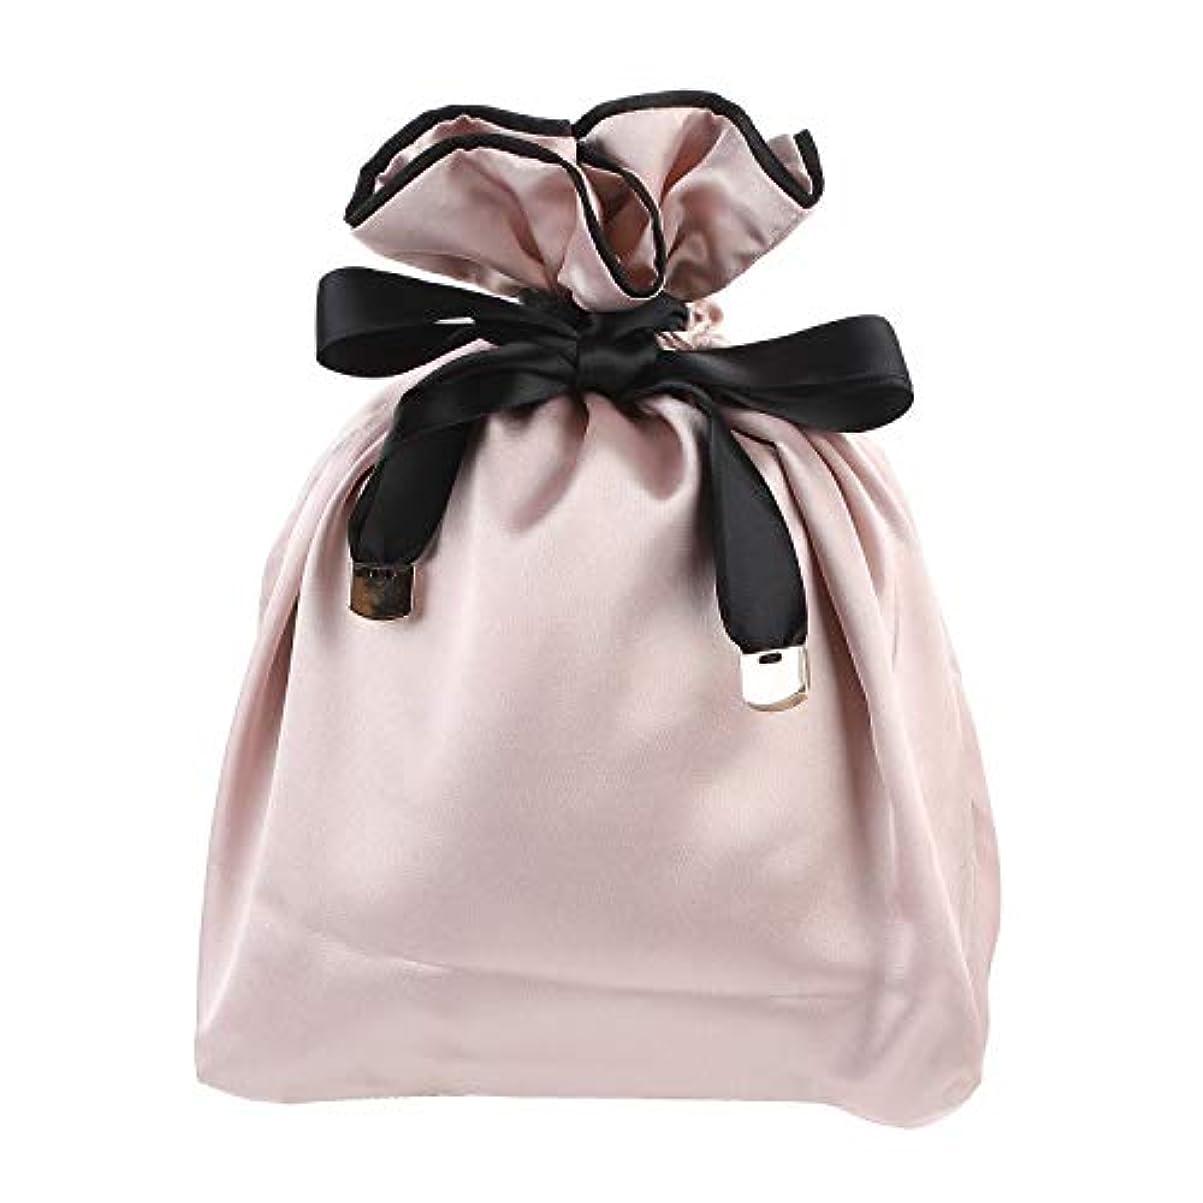 形式スカリーベッドNEOVIVA 巾着 袋 女の子 化粧品ポーチ 小物入れ スベスベ 旅行 ギフト ピンク 巾着袋だけ